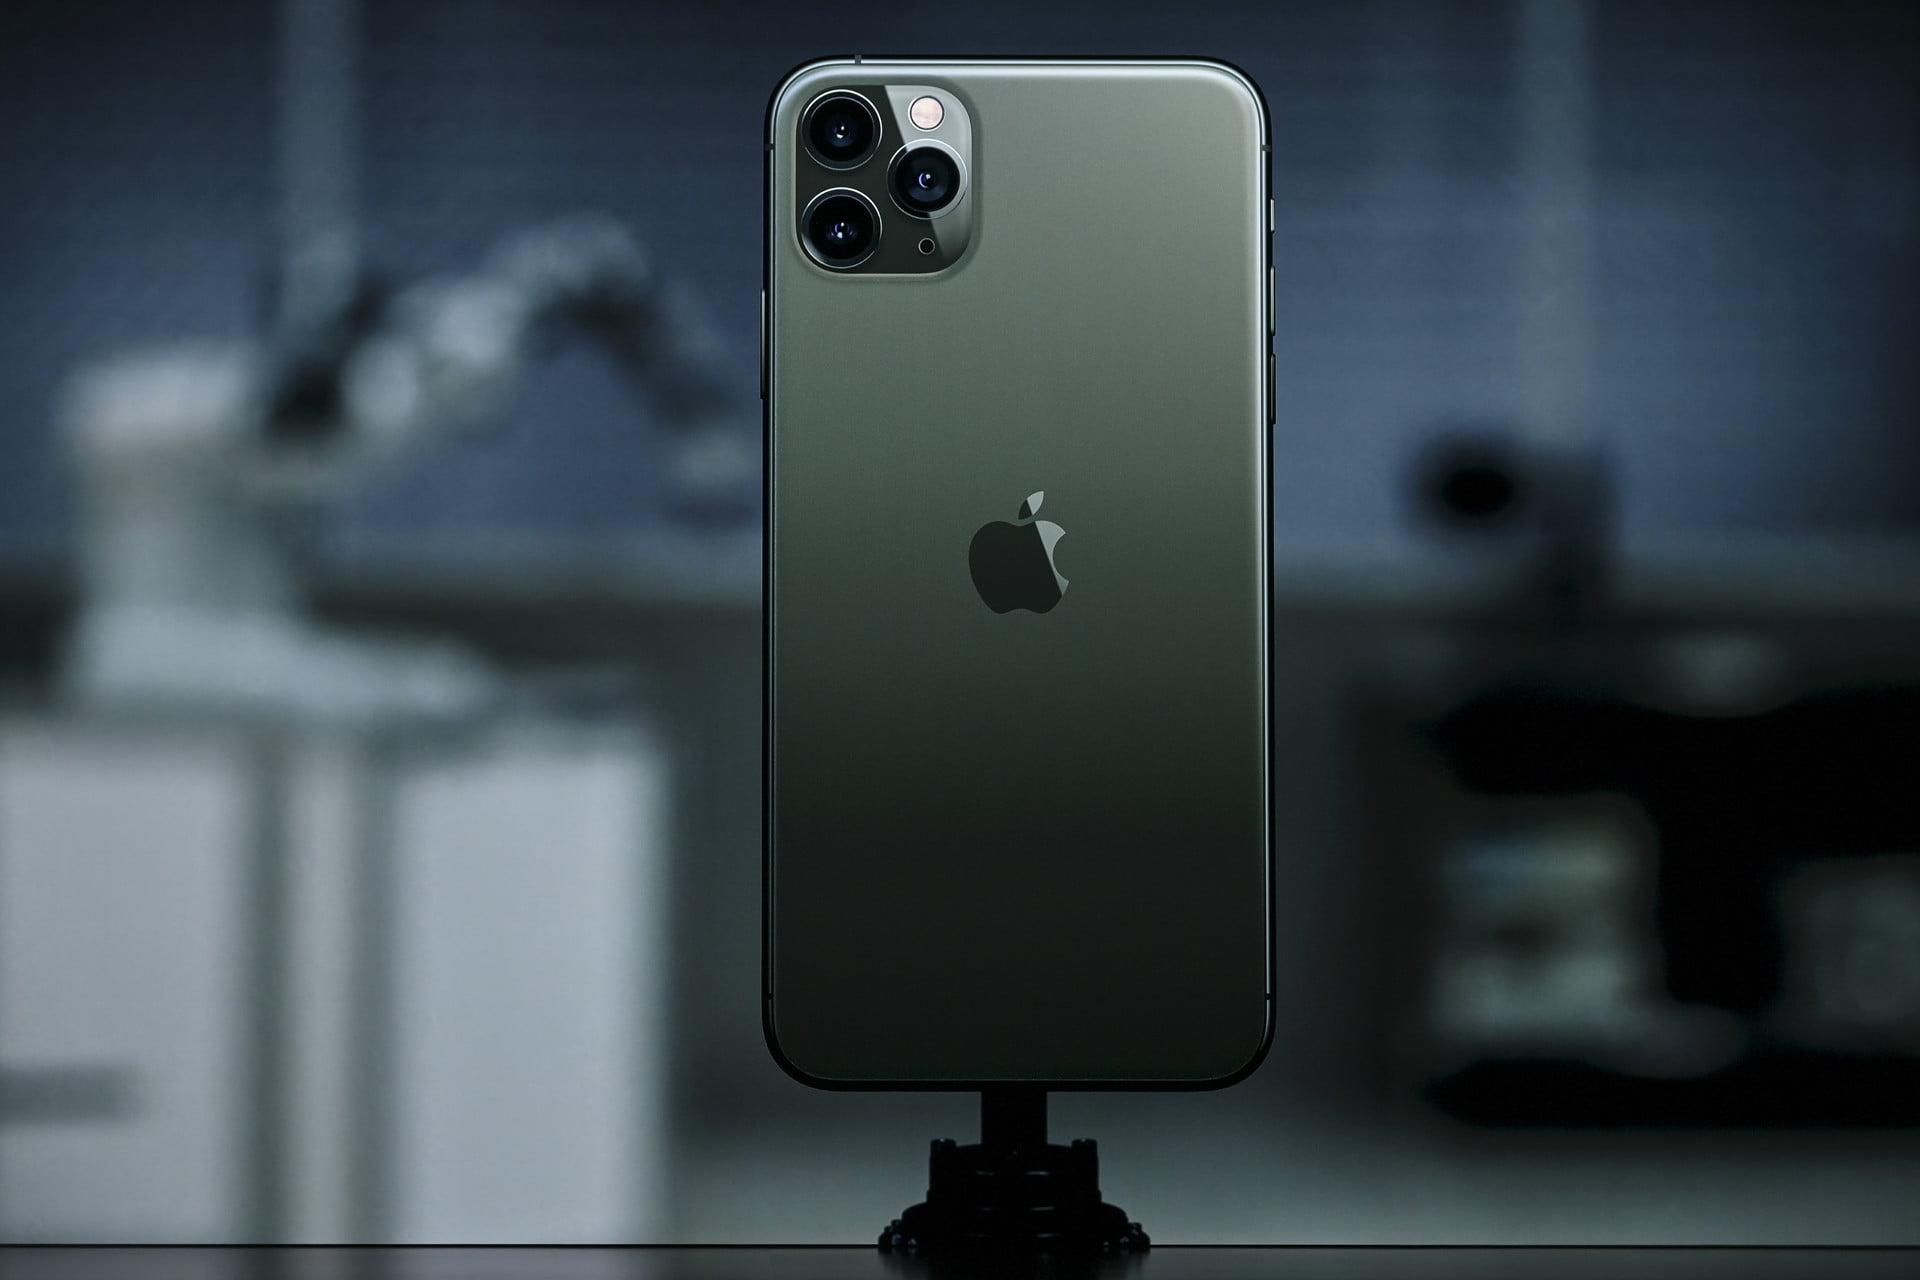 اپل از آیفون ۱۱ رونمایی کرد